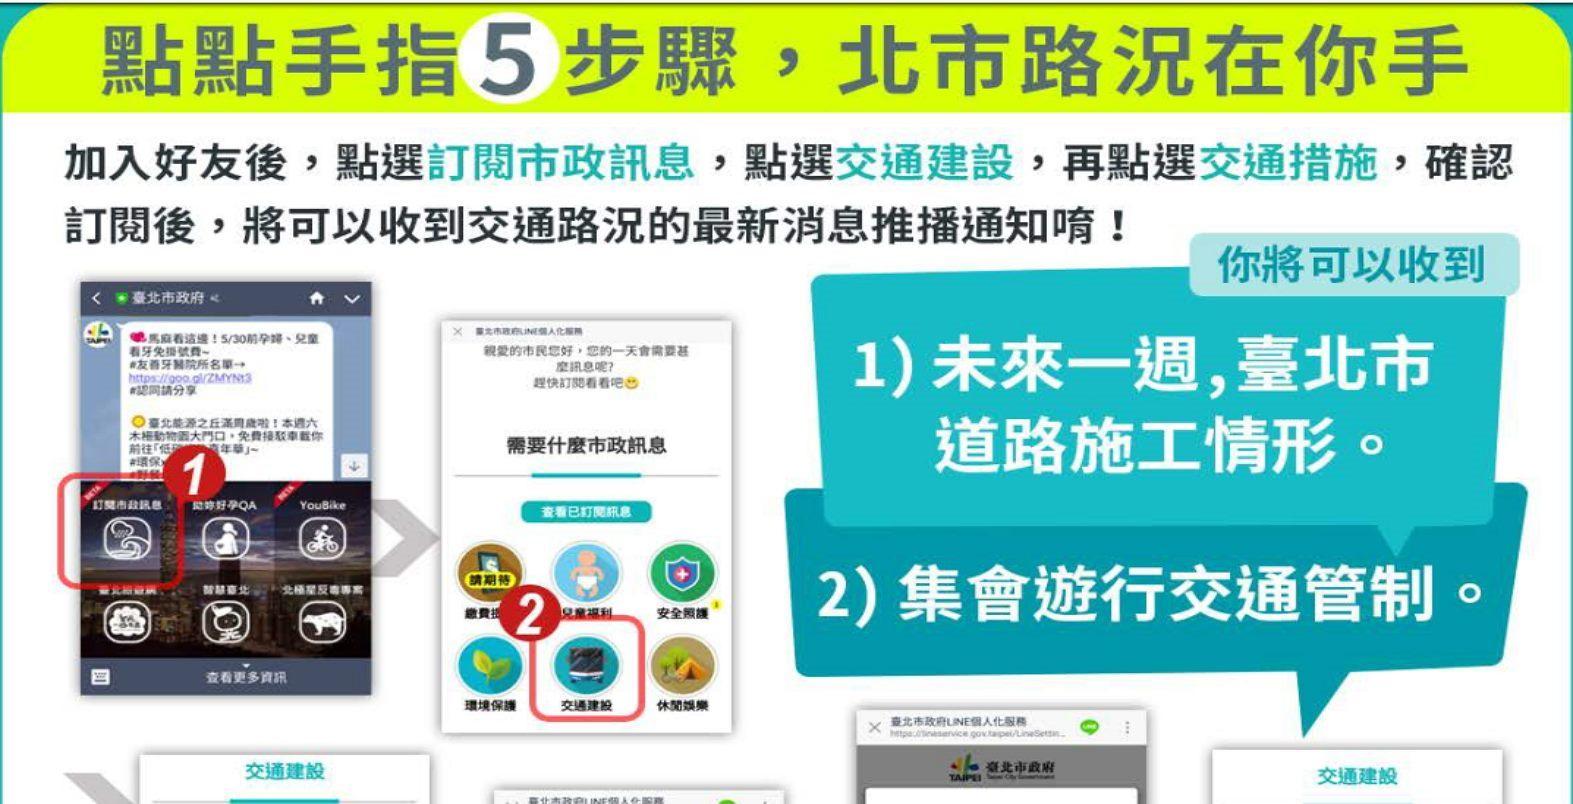 加入臺北市政府官方line好友,市民好康不錯過-北市路況在你手